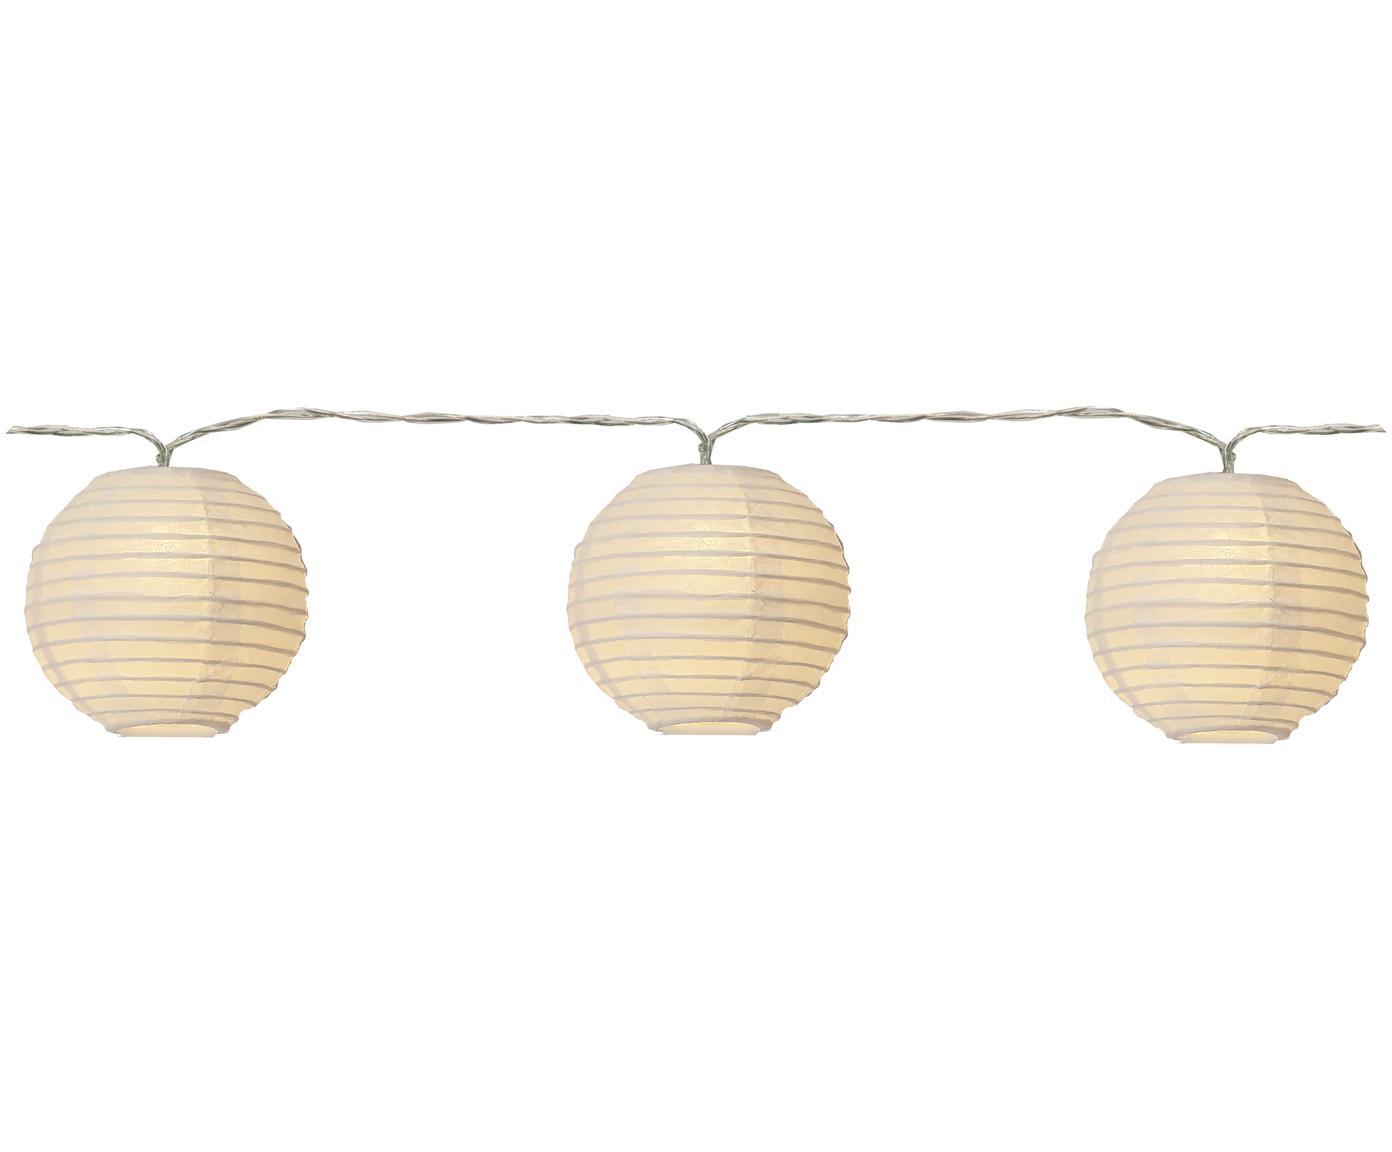 Guirnalda de luces LED Festival, 300cm, Linternas: papel, Cable: plástico, Blanco, L 300 cm